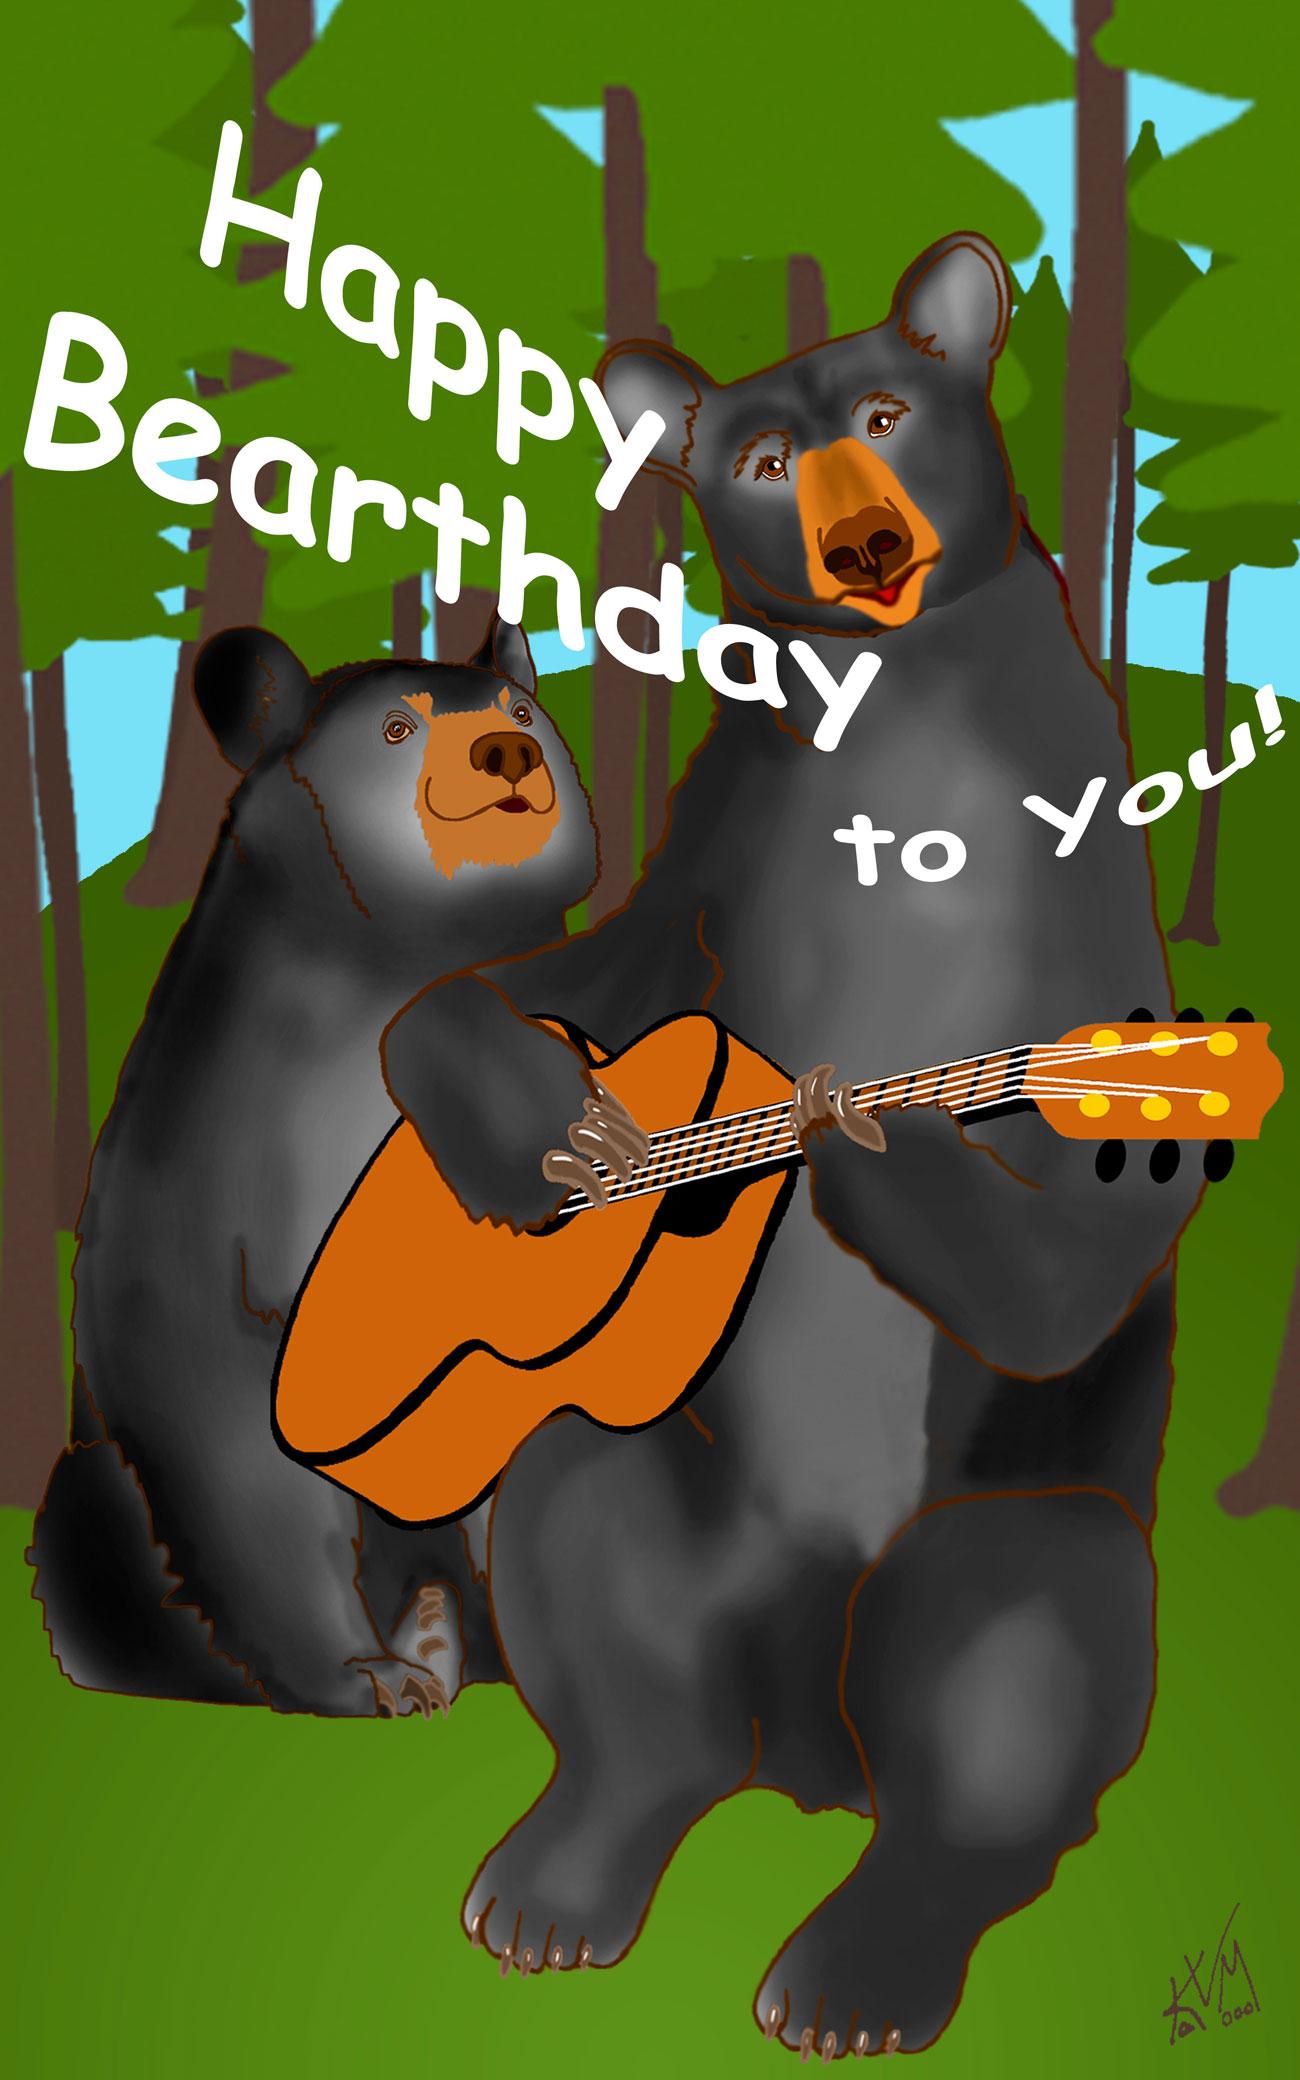 Happy BEARthday (317)